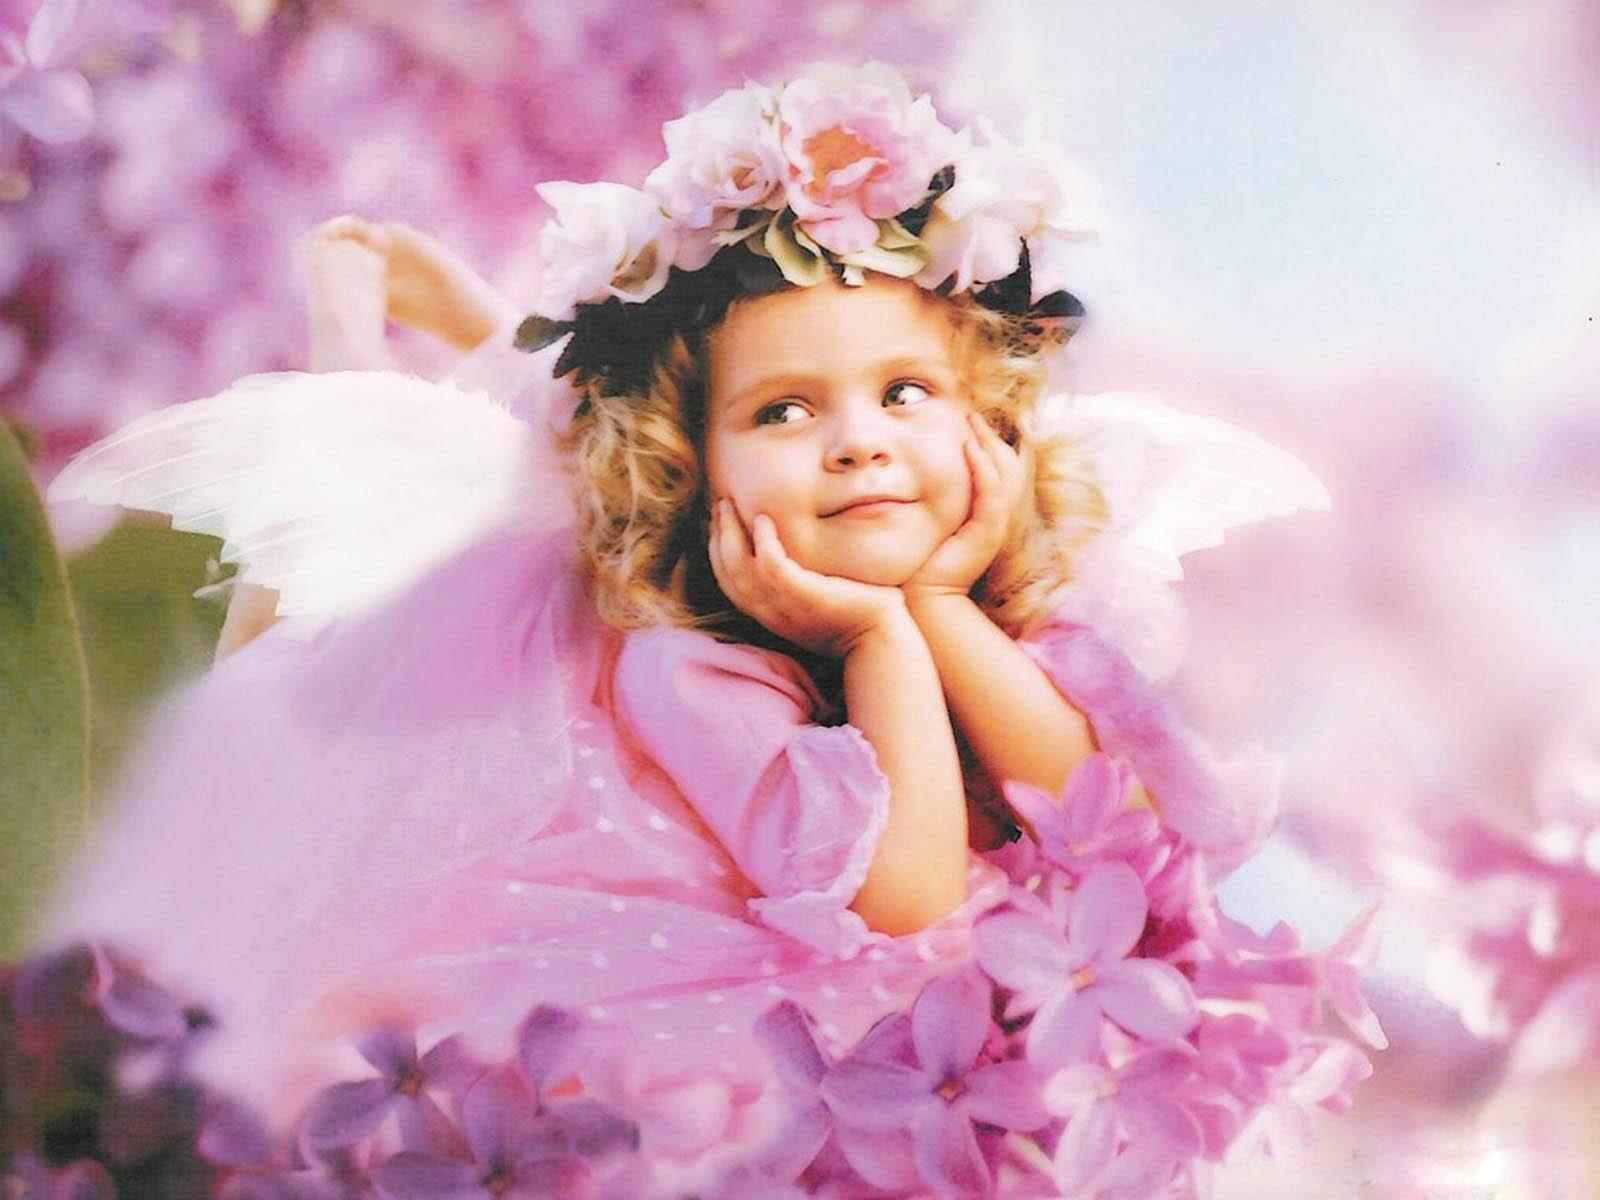 Wallpapers Angel Babies Desktop Backgrounds Angel Babies Photos 1600x1200